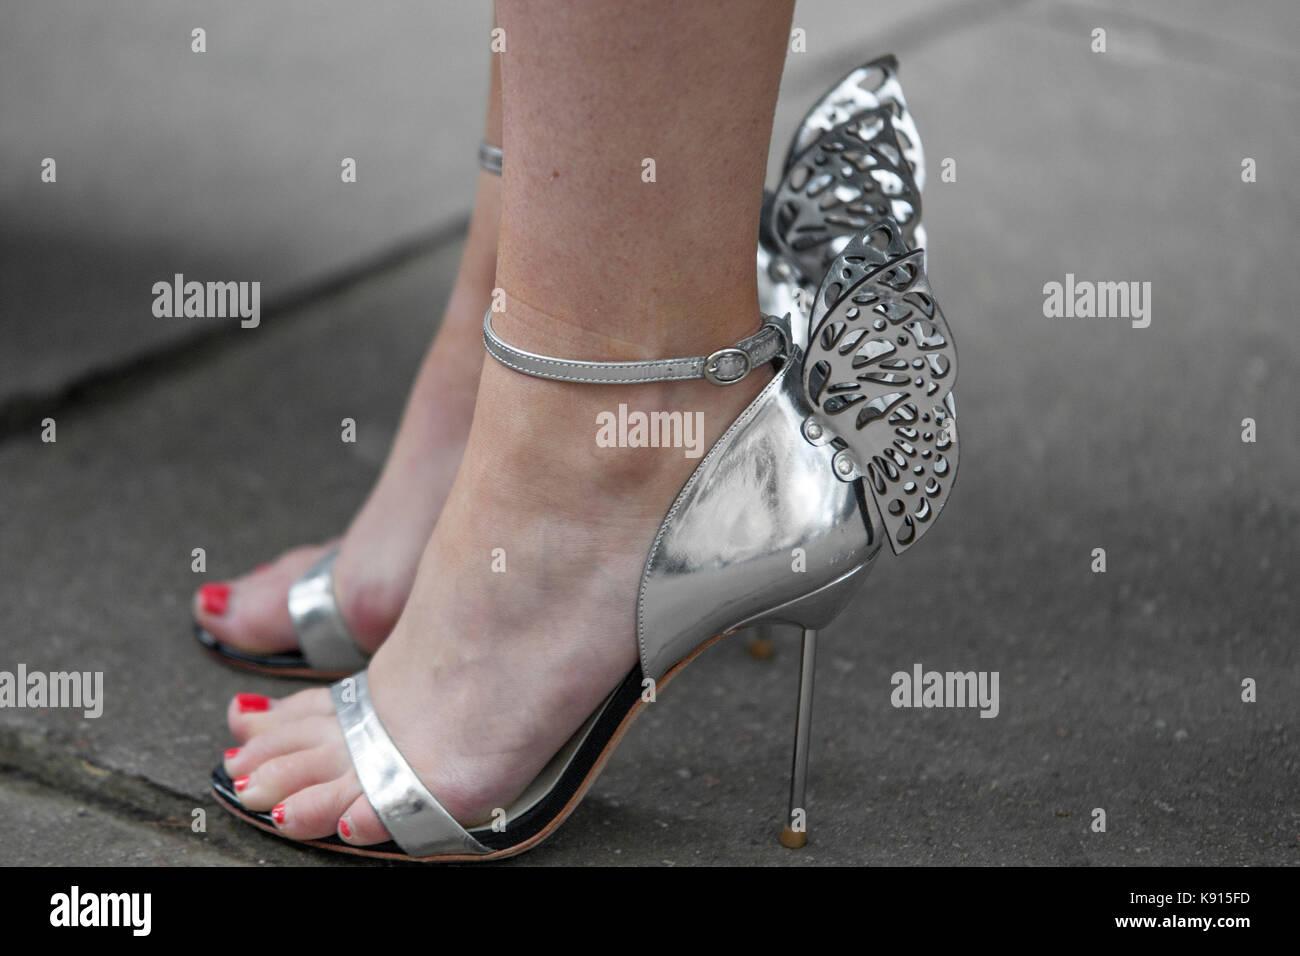 Londres Semana El Quinto De Moda Street La Desde Style Día TcJ3K1ulF